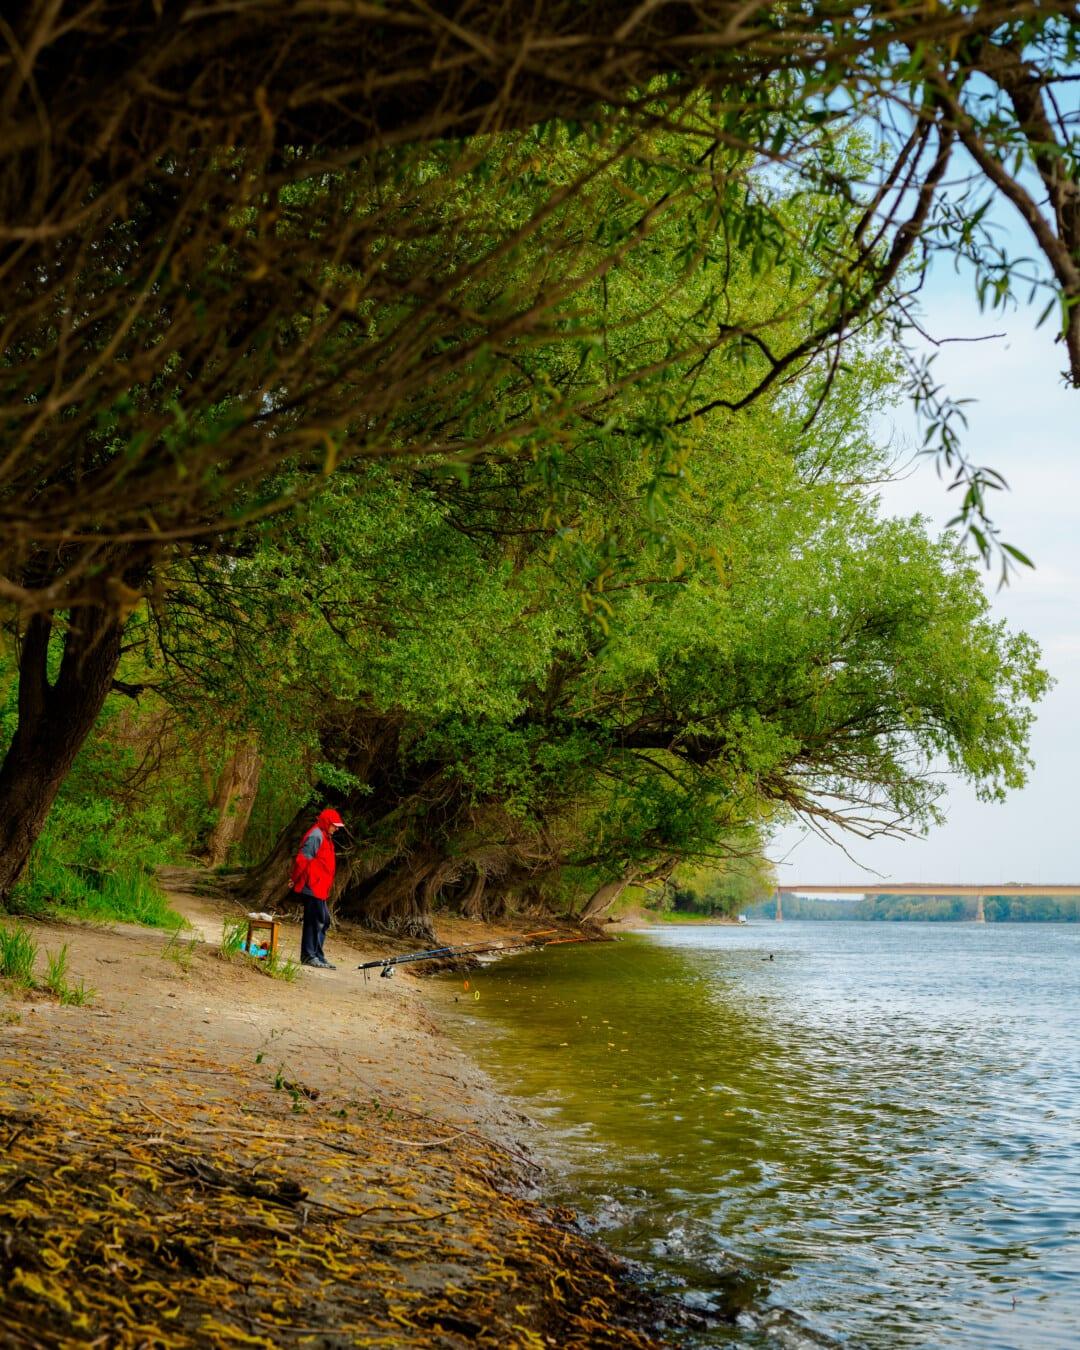 rece, vremea, pescuit, pescar, persoană, malul râului, apa, peisaj, copac, lemn